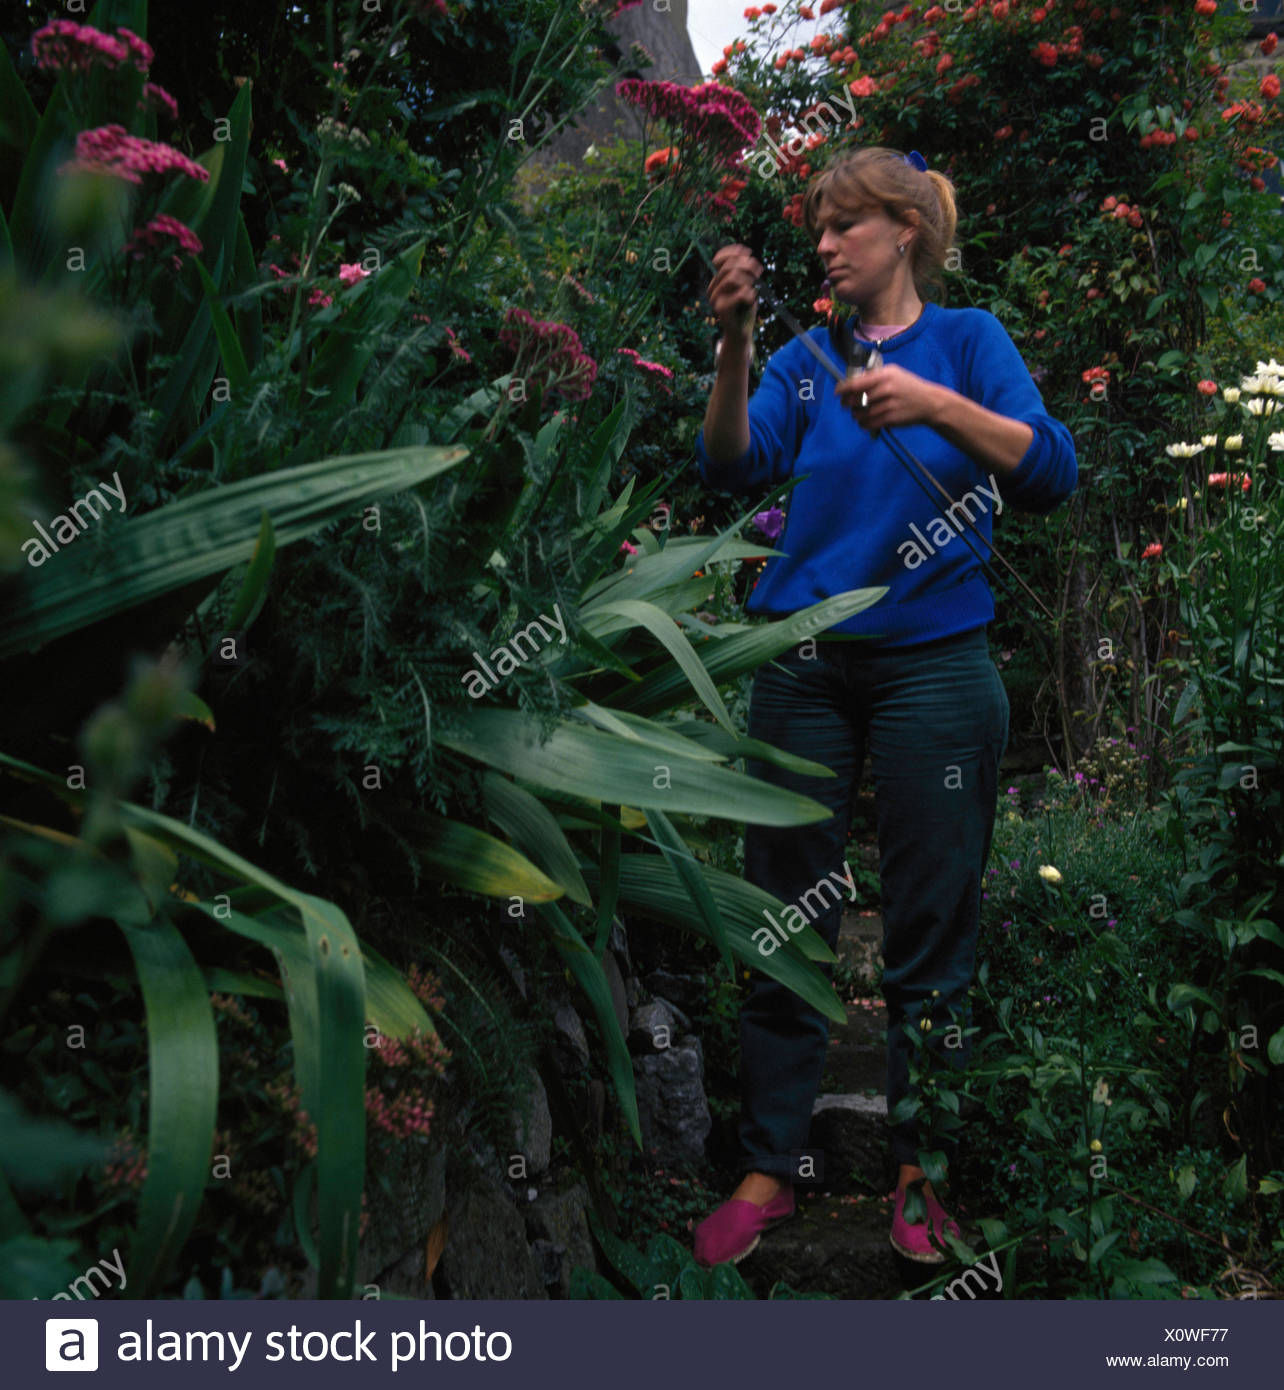 Woman dead-heading perennials in a garden - Stock Image